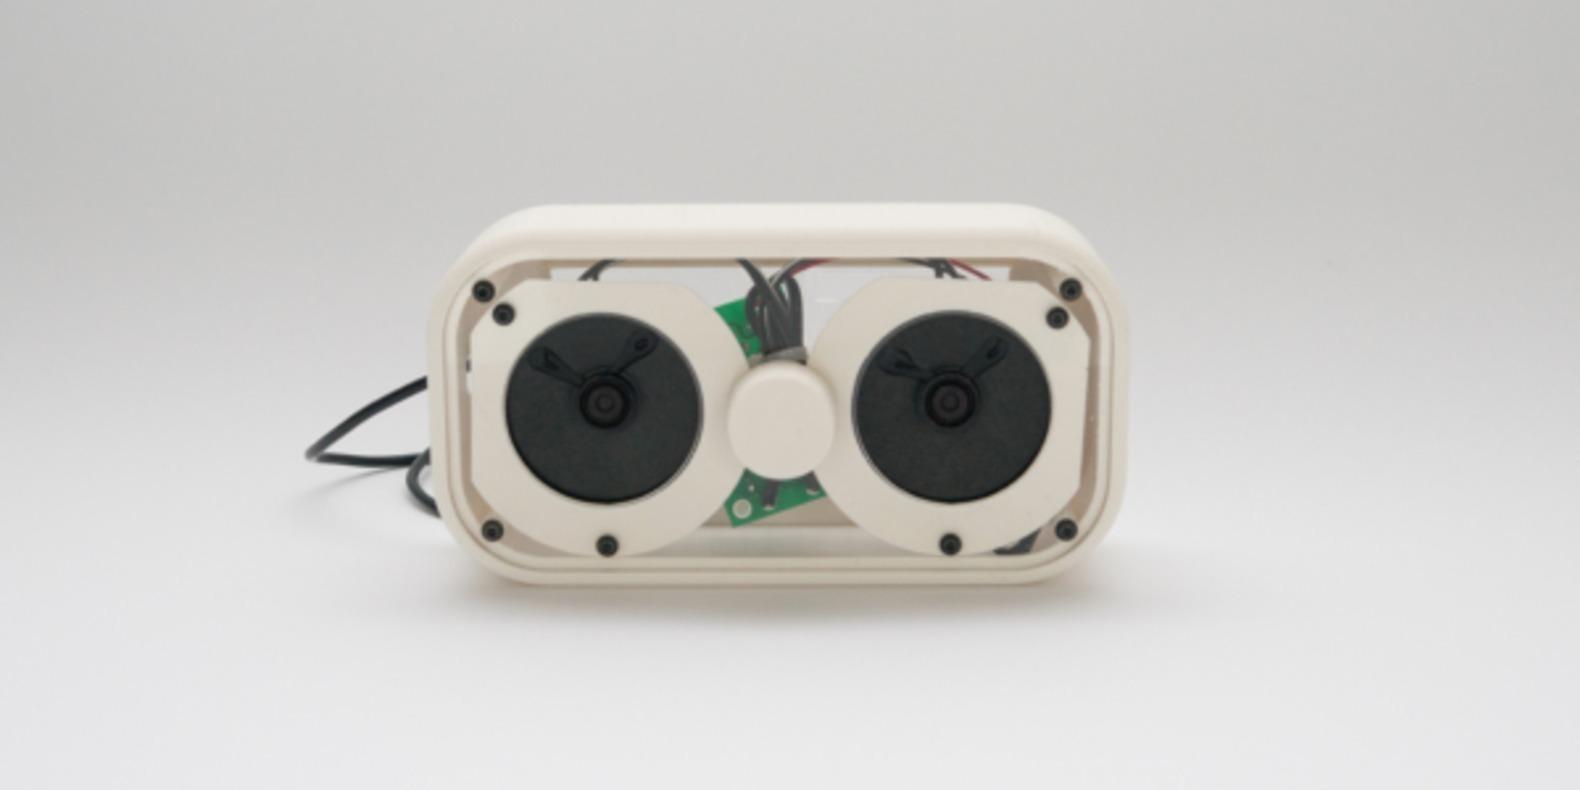 Kitronik 3Dhubs fichiers 3D cults 3D impression 3D enceintes 3